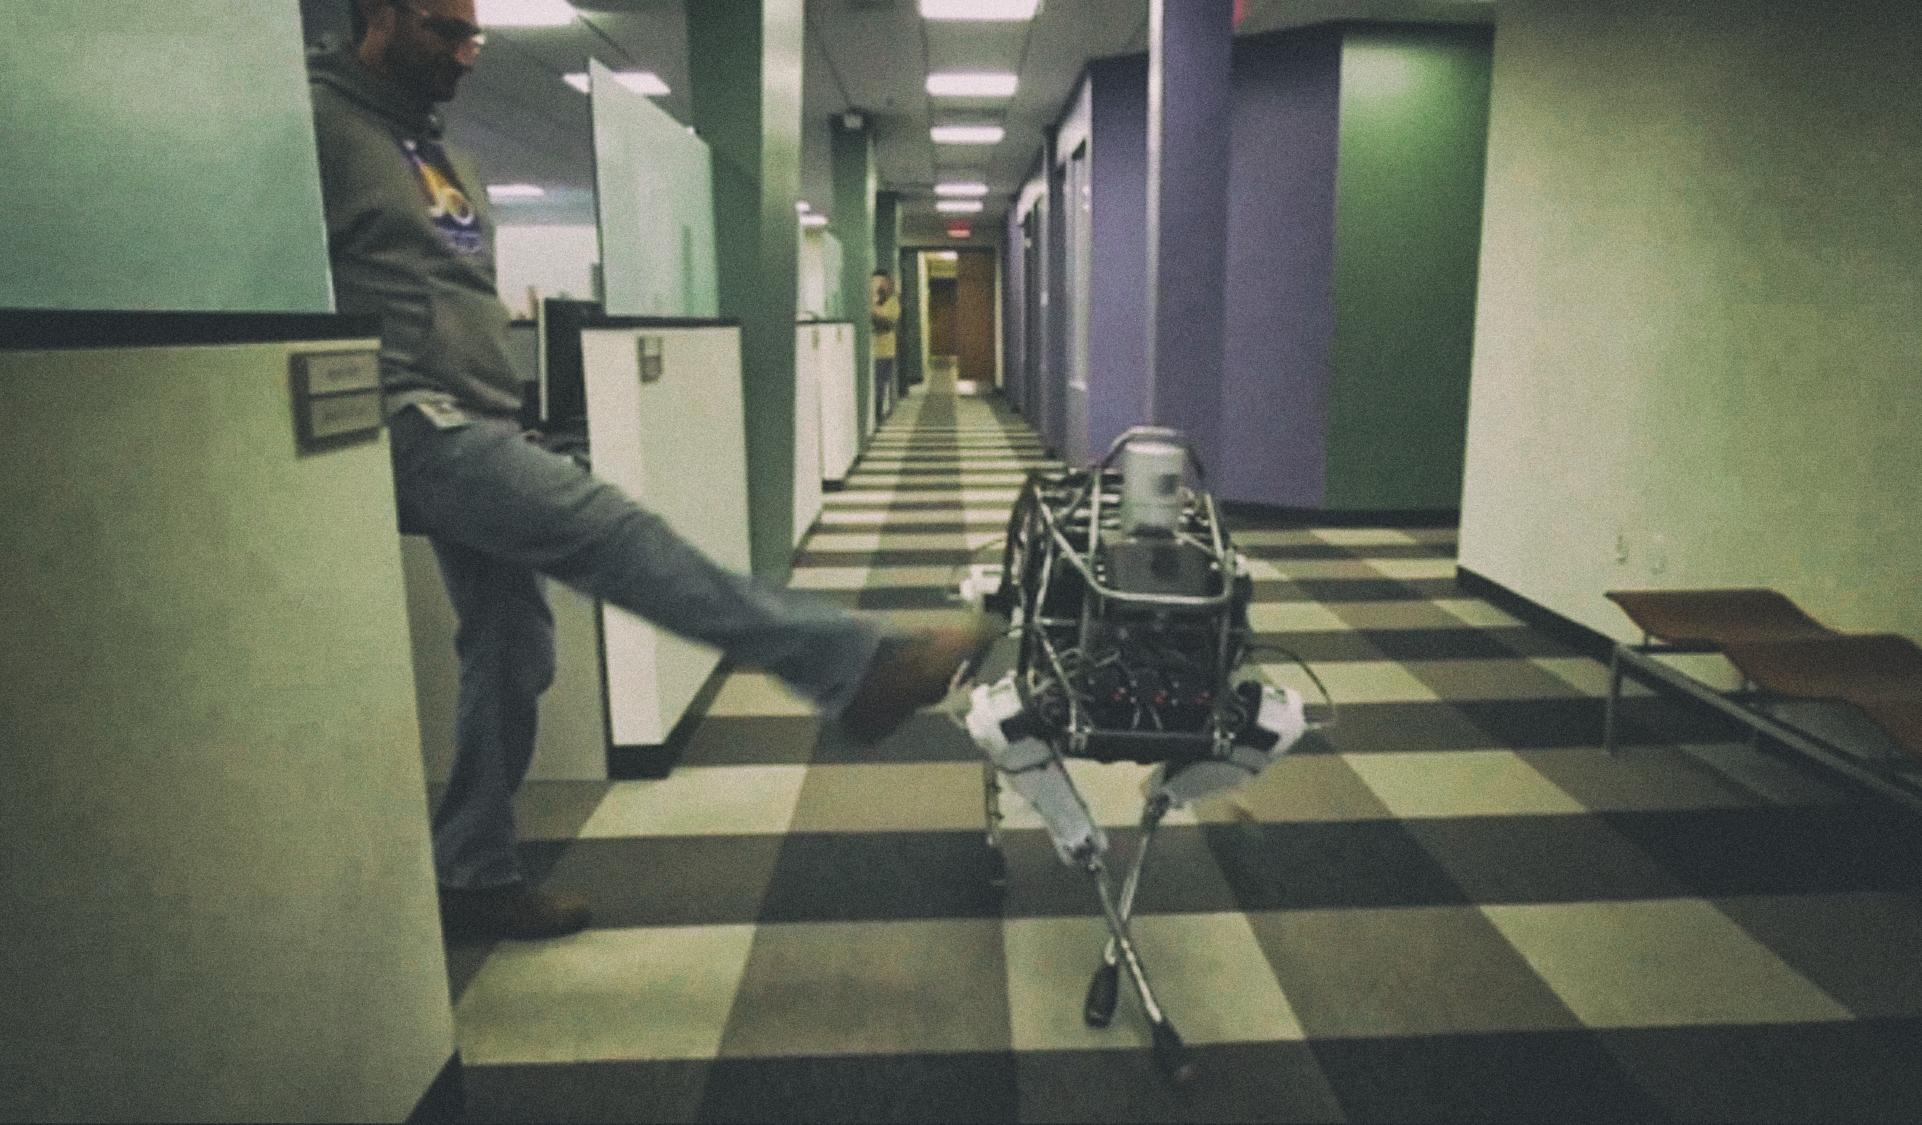 Люди склонны обвинять автономных роботов в авариях на производстве